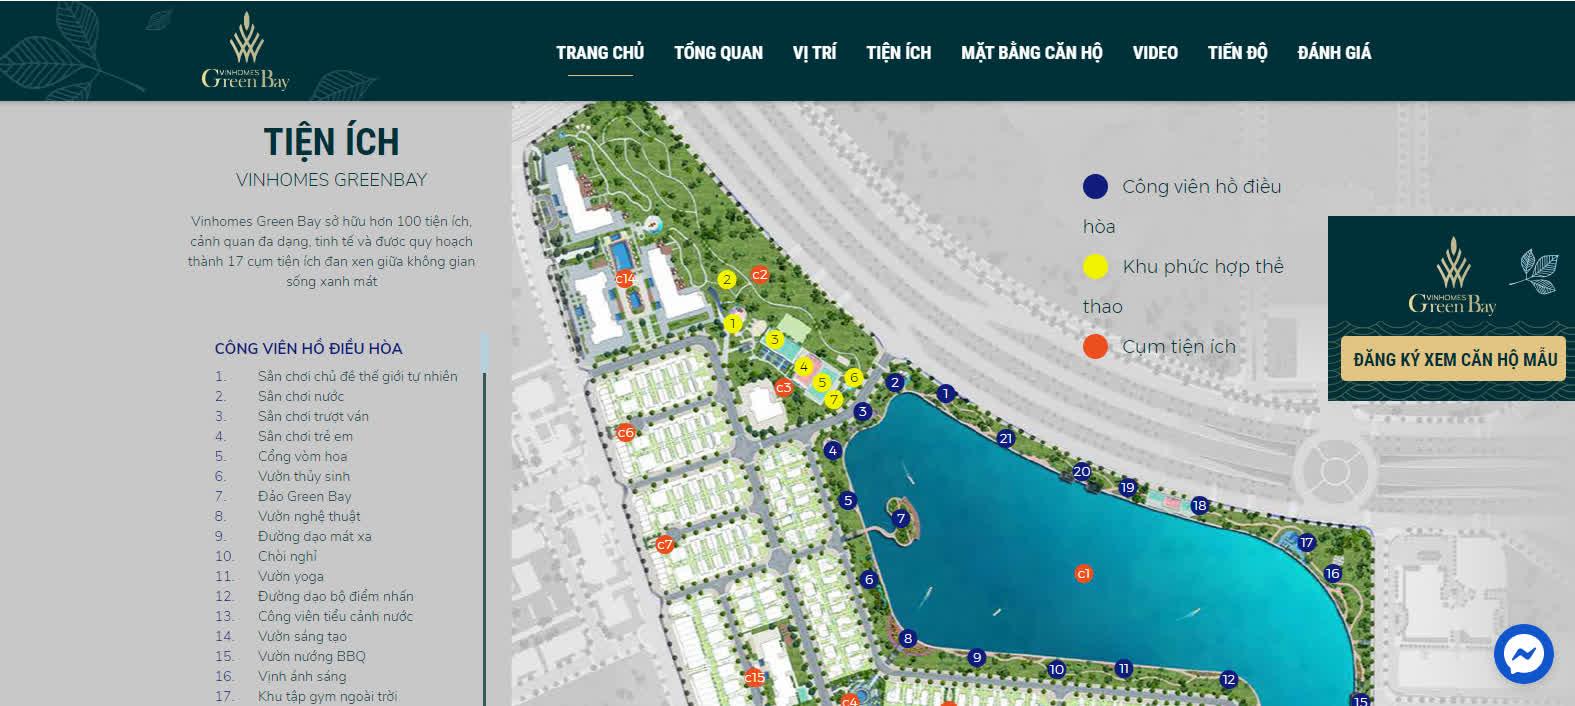 Bizfly đã giúp Sàn Bất động sản bán hàng dự án Vinhomes Green Bay thành công như thế nào?